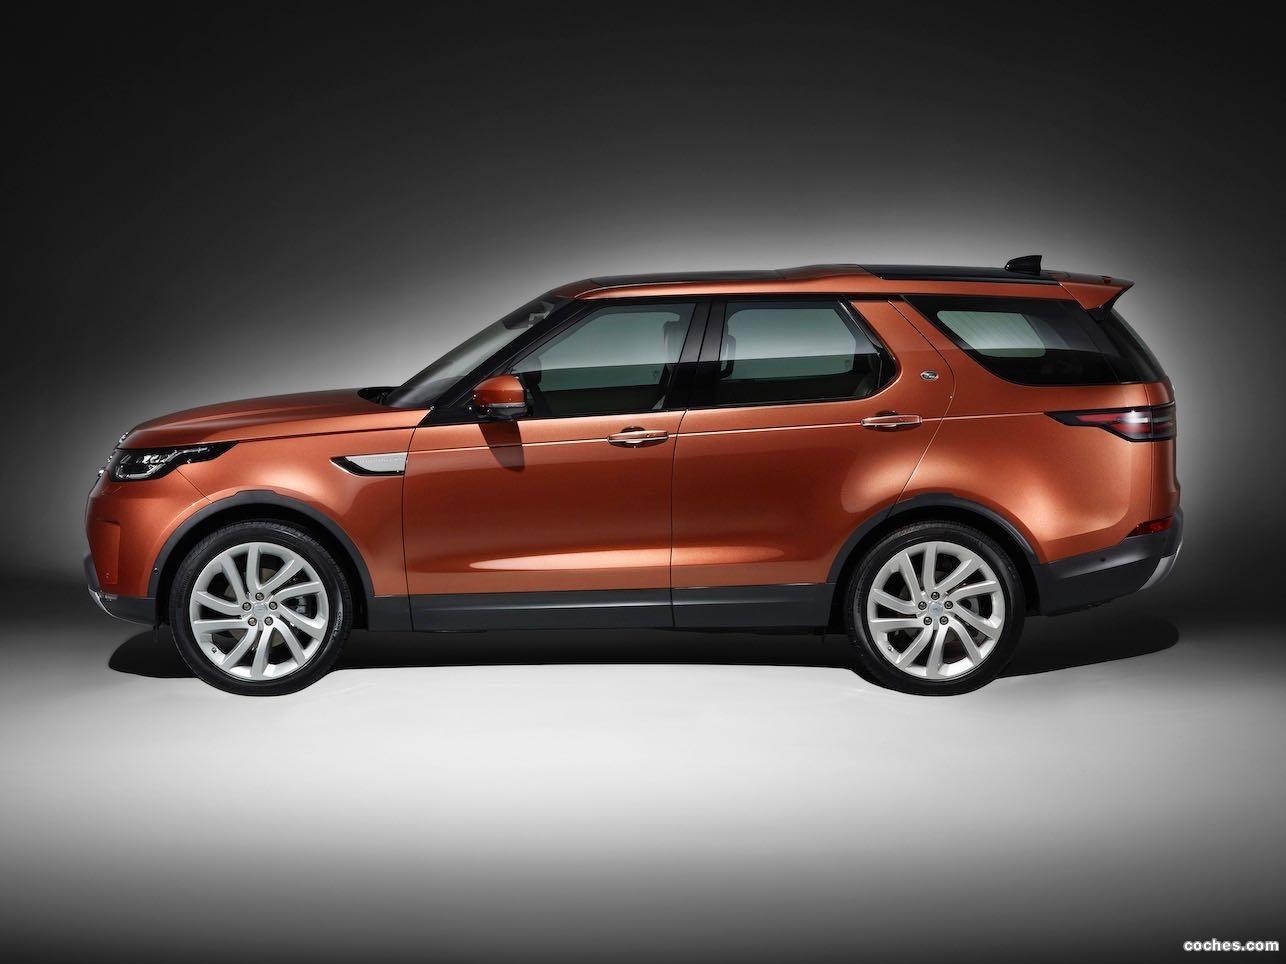 Foto 0 de Land Rover Discovery 2017